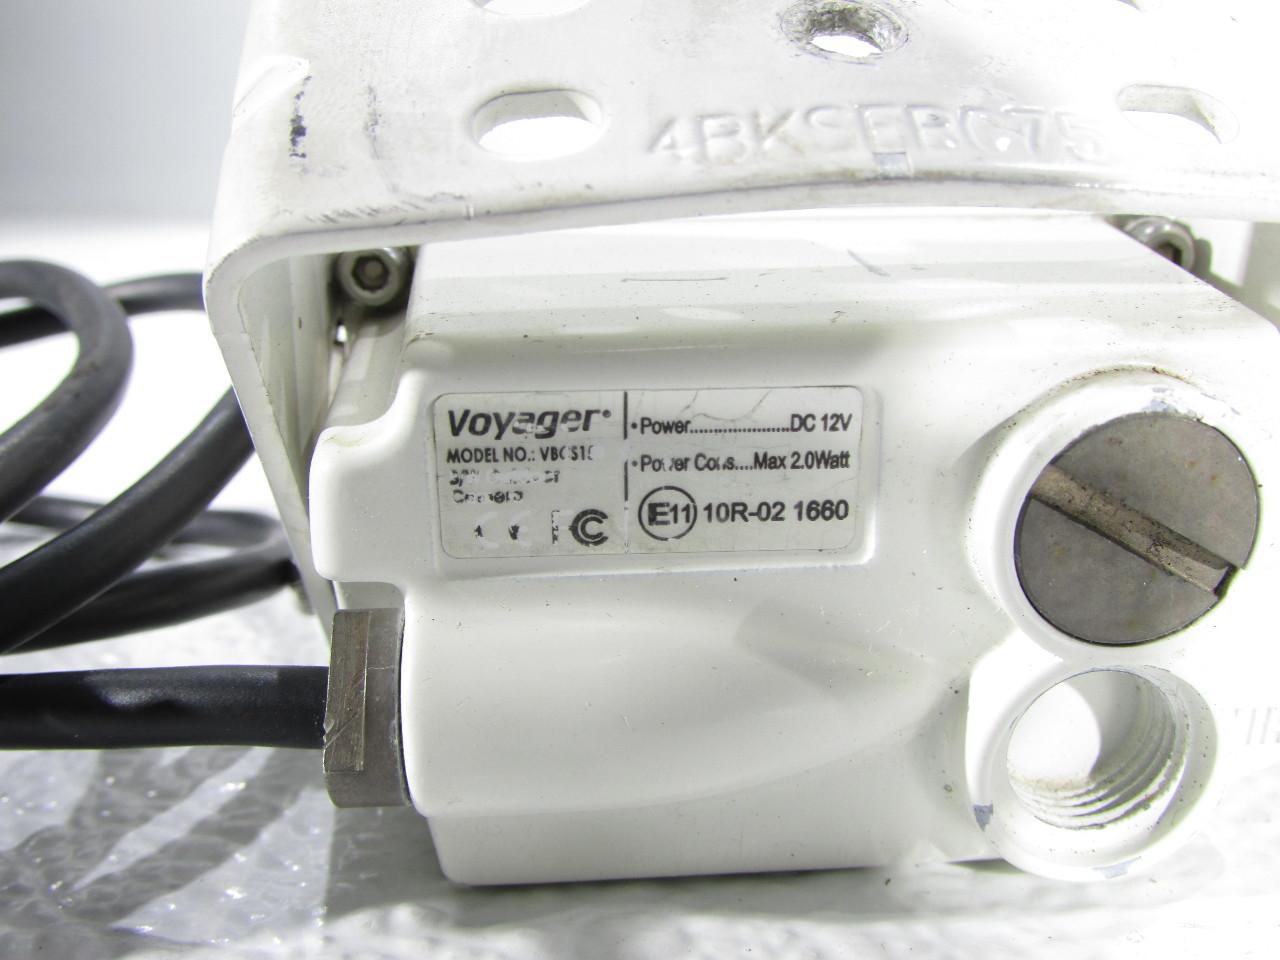 Voyager Vbcs150 Back Up Camera Premier Equipment